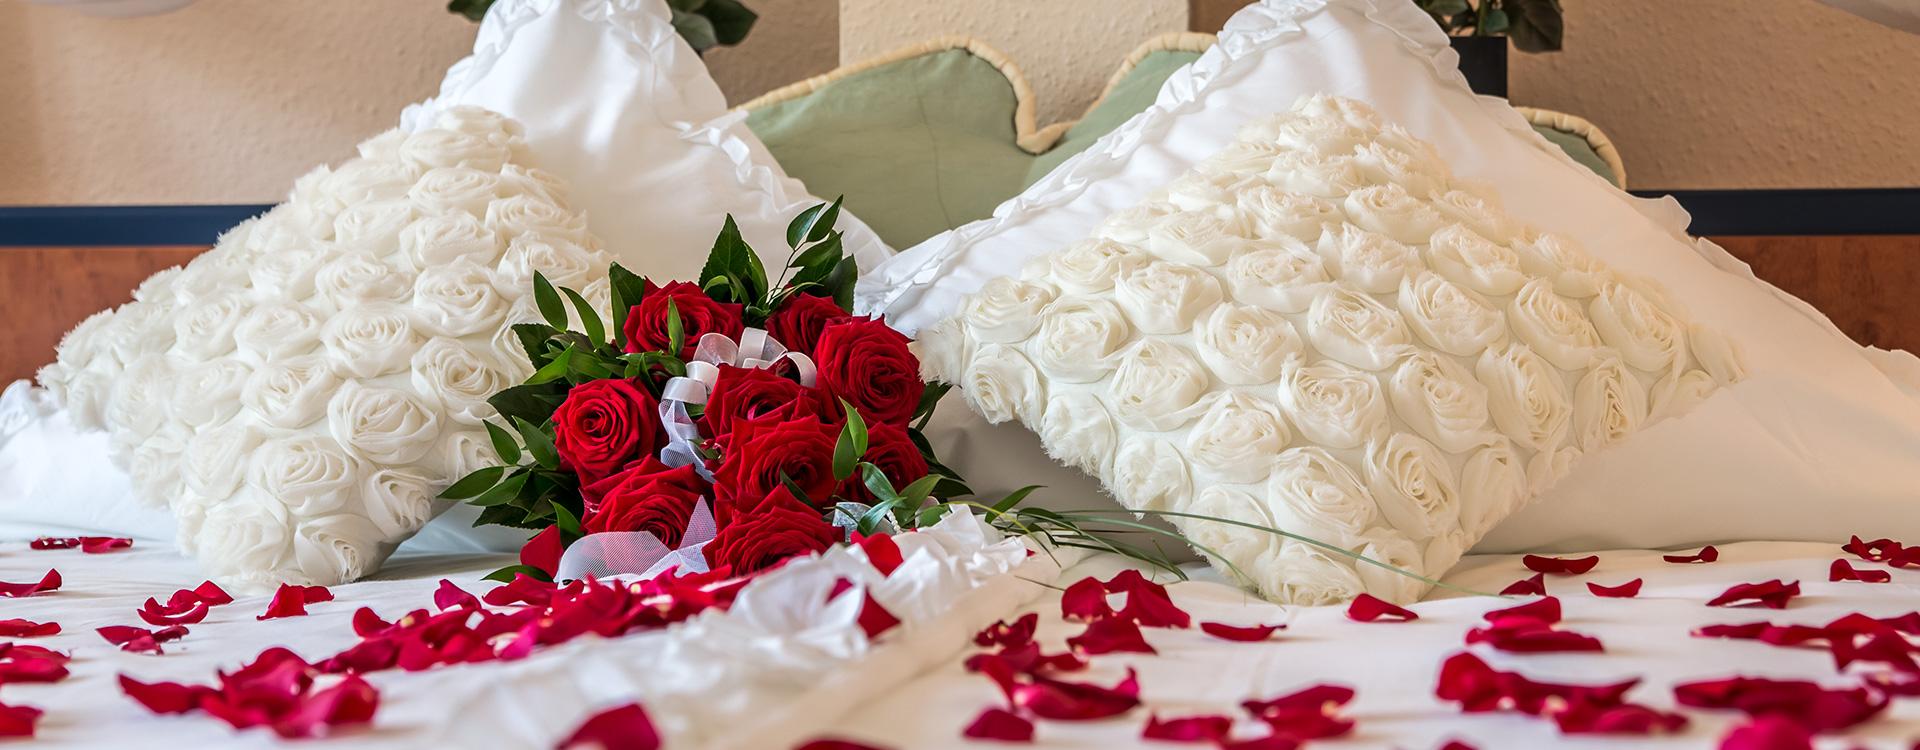 02_Hochzeitssuite2